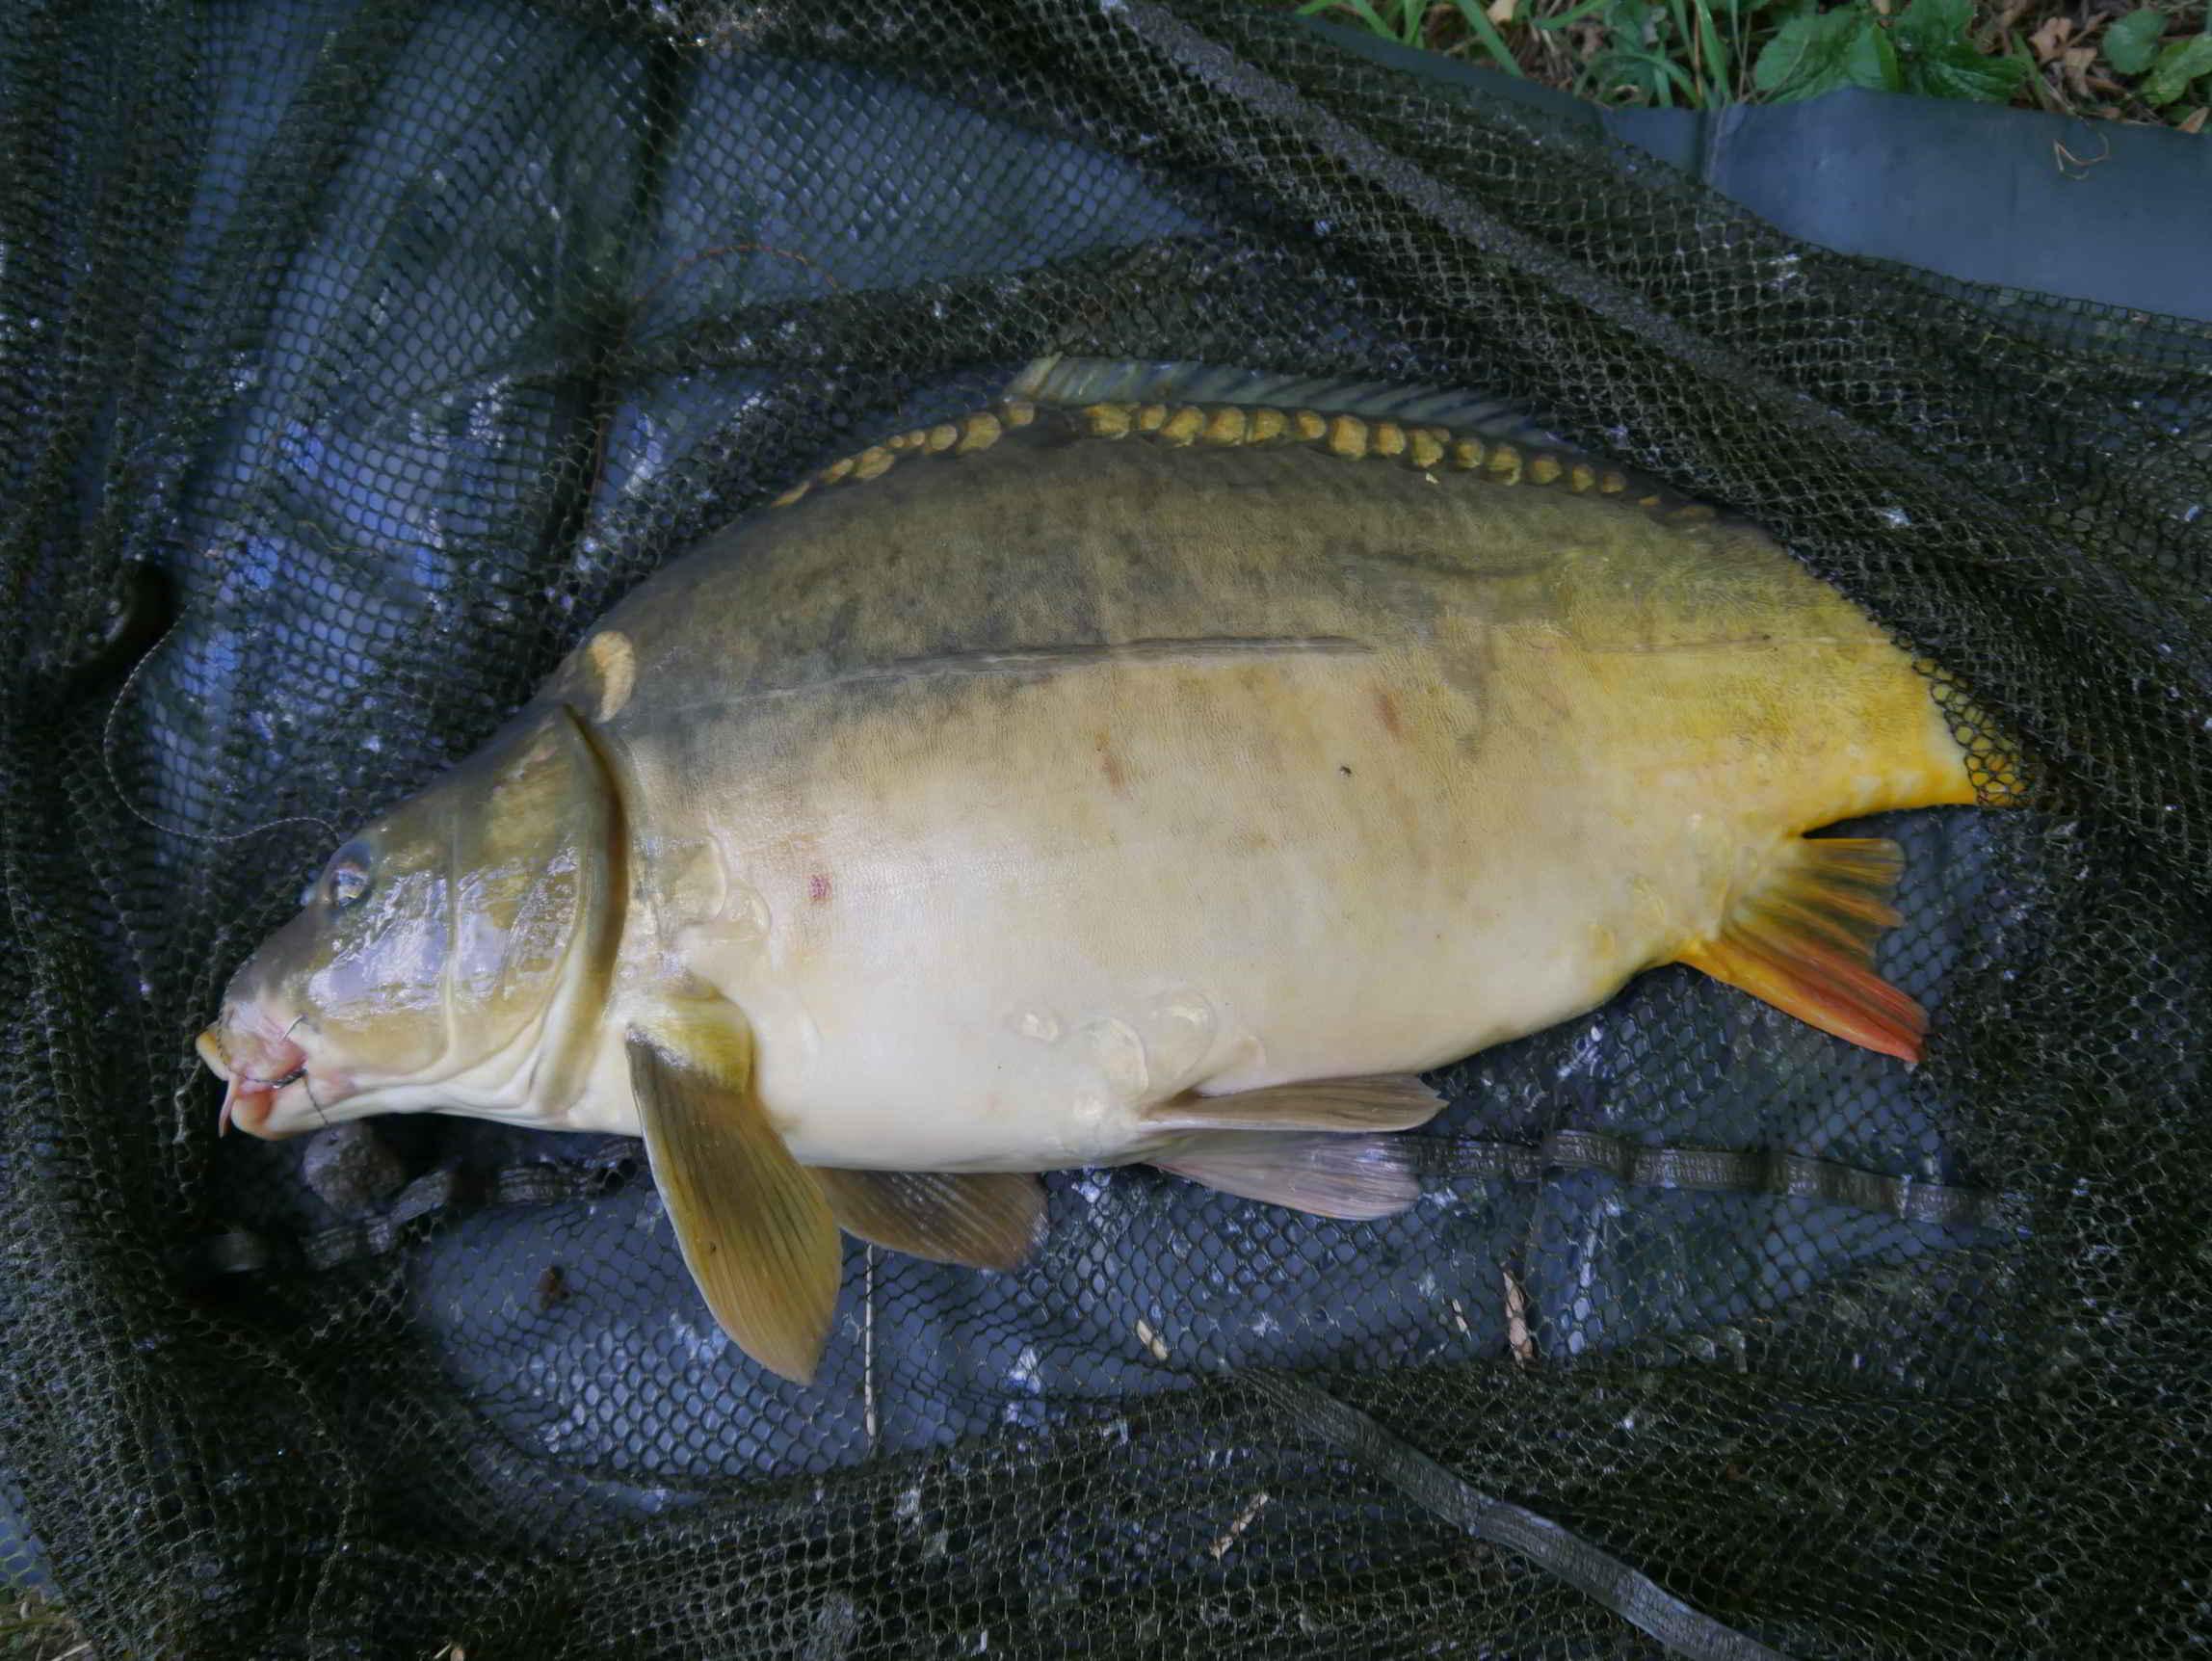 gro/ßer gummierter Kescher ideal f/ür Hecht Karpfen oder andere gro/ße S/ü/ßwasserfische